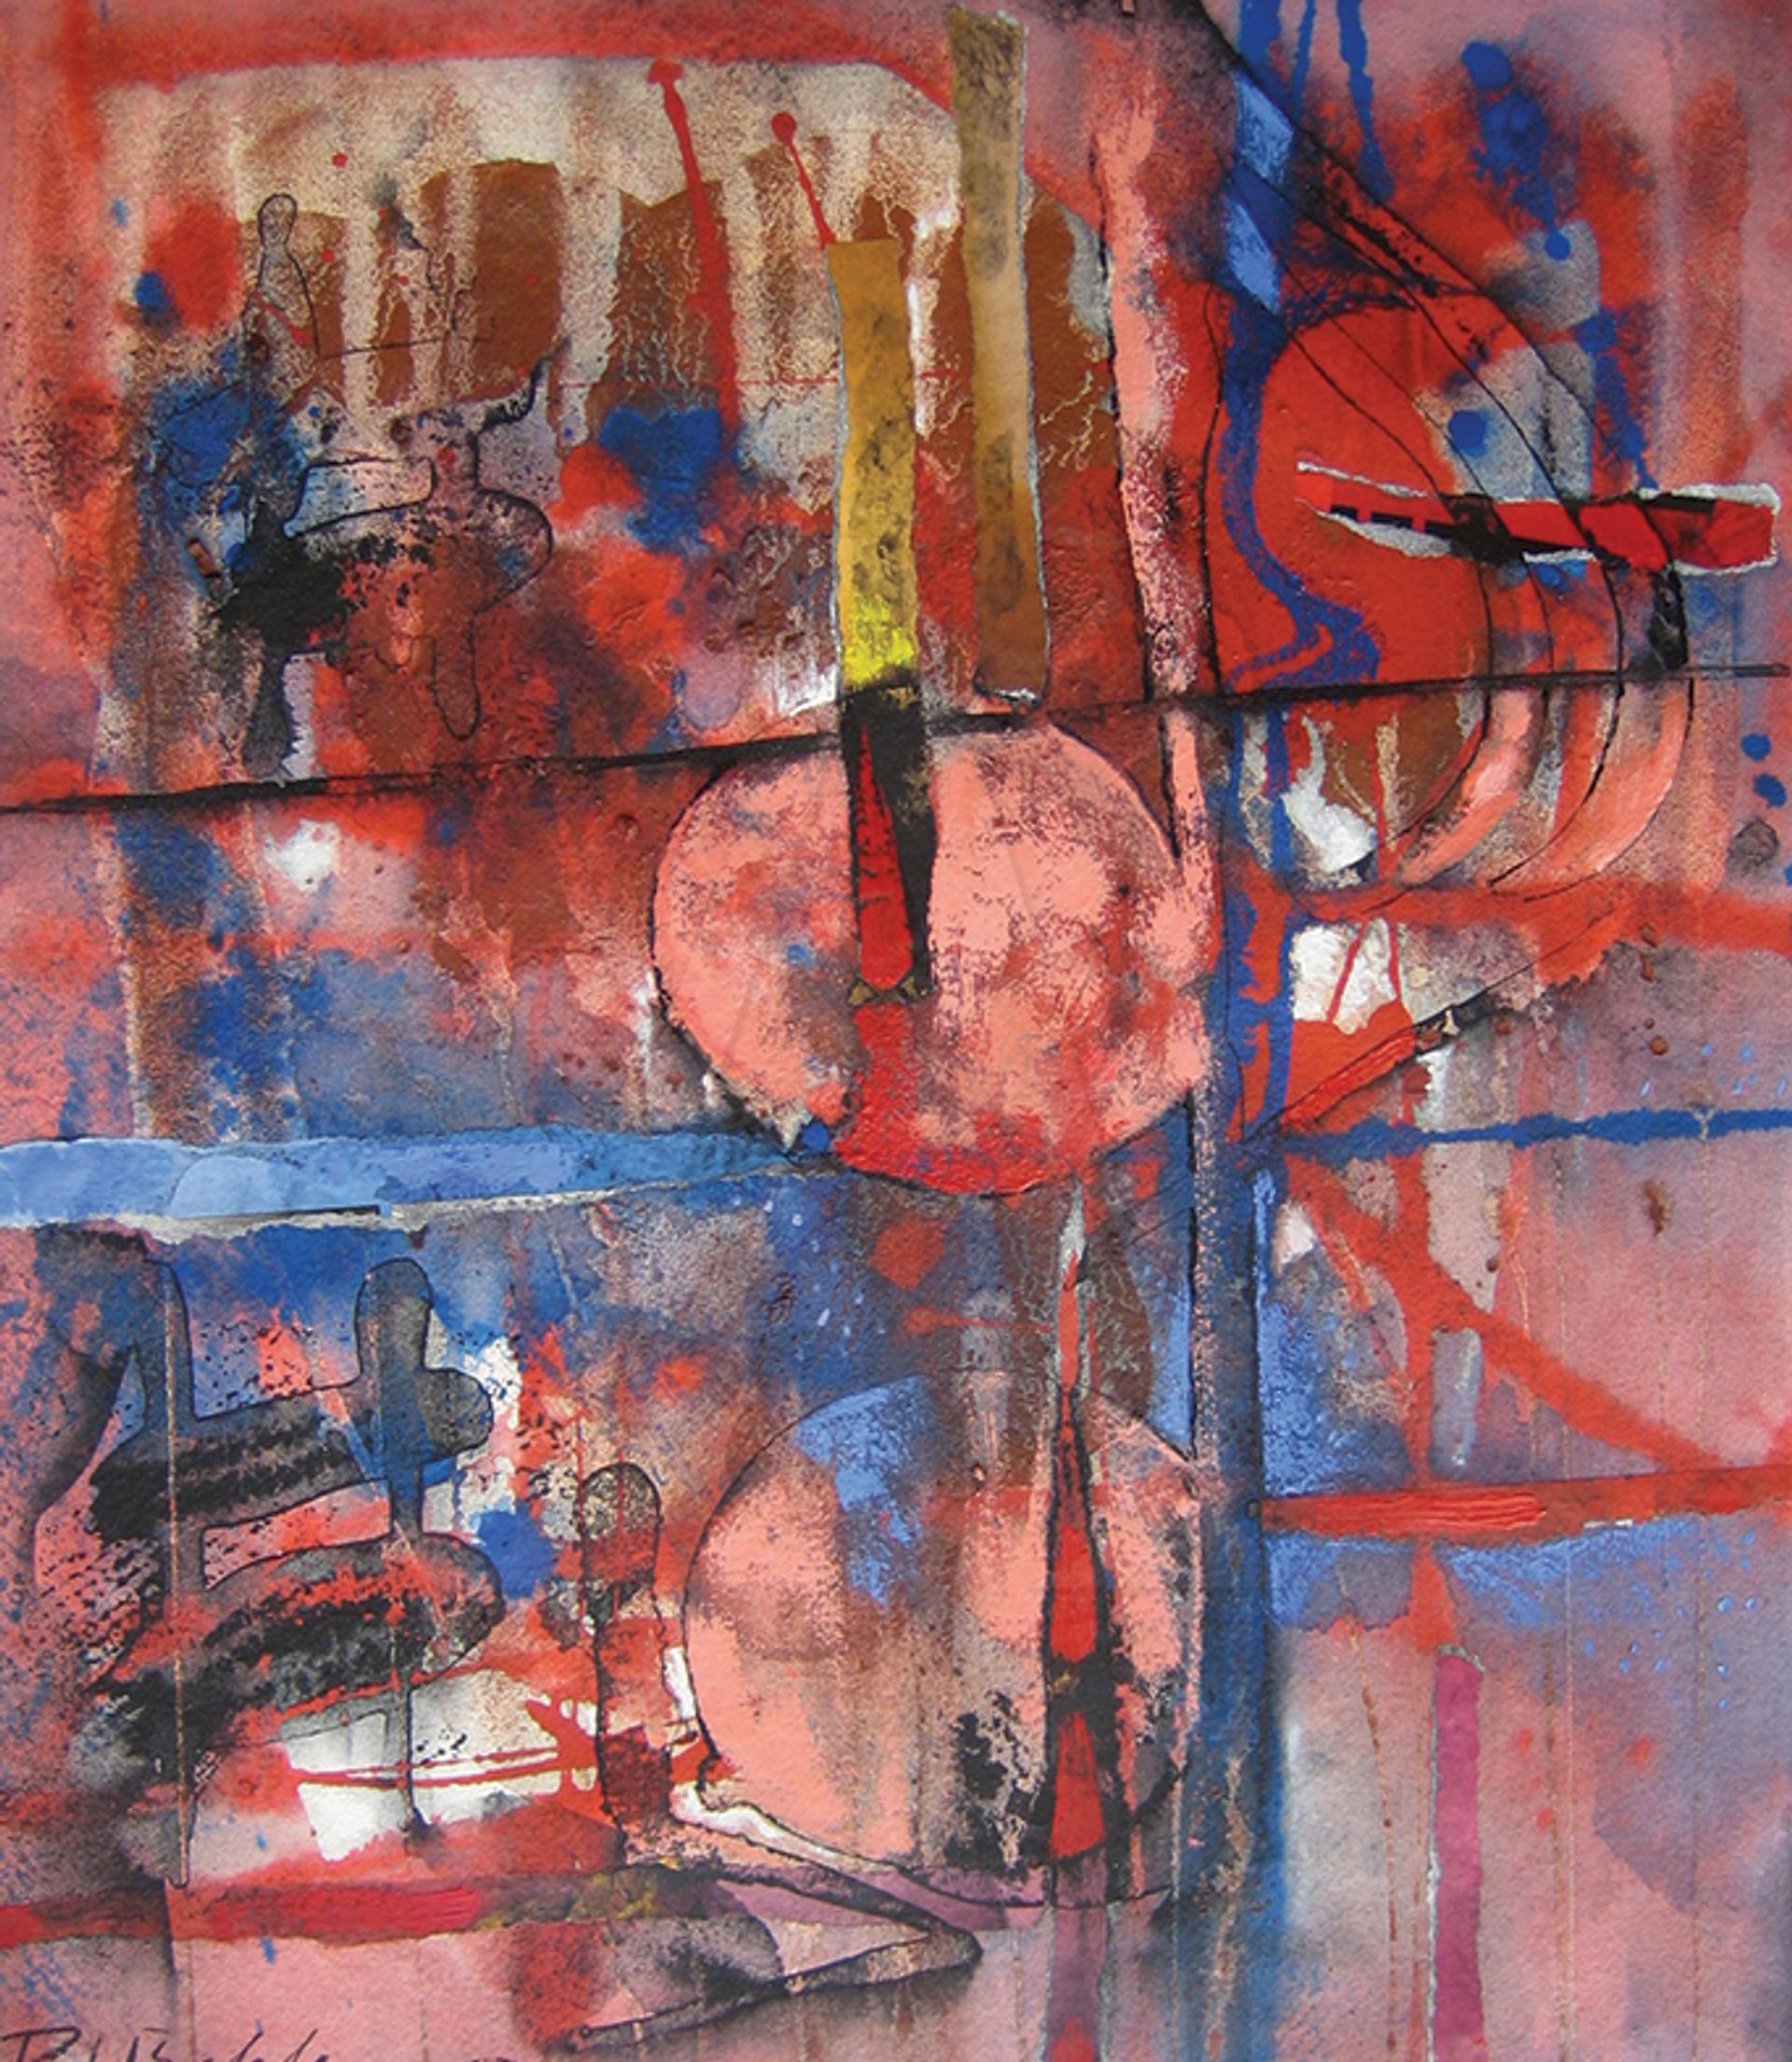 Obra del pintor español Manel Pujol Baladas - Sputnik Mundo, 1920, 11.02.2021